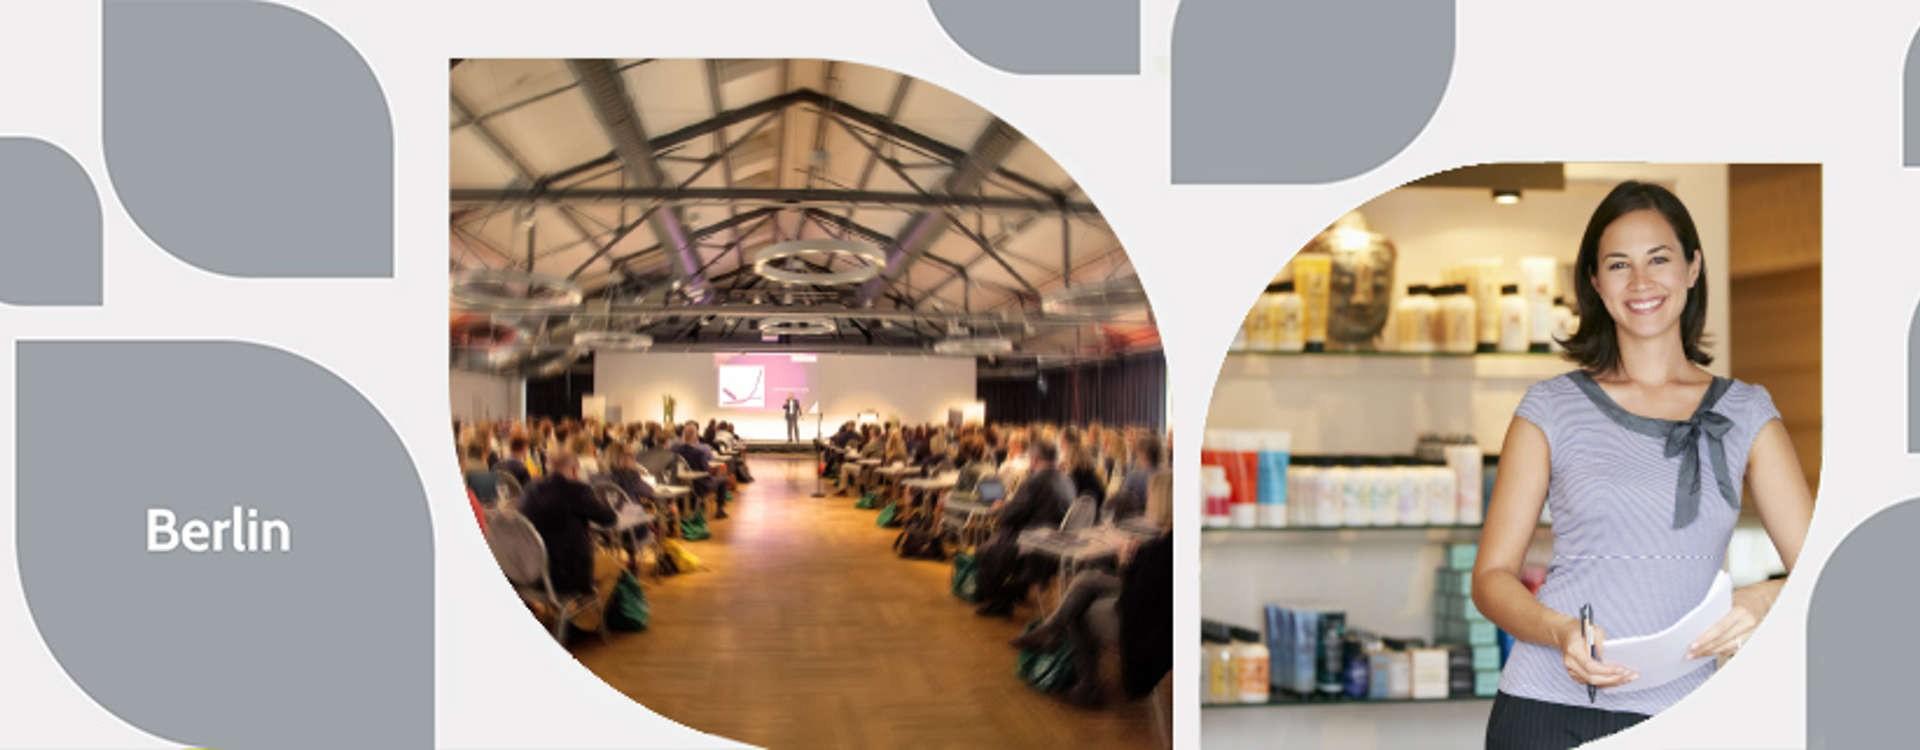 V Berlíně se bude debatovat směřování přírodní kosmetiky